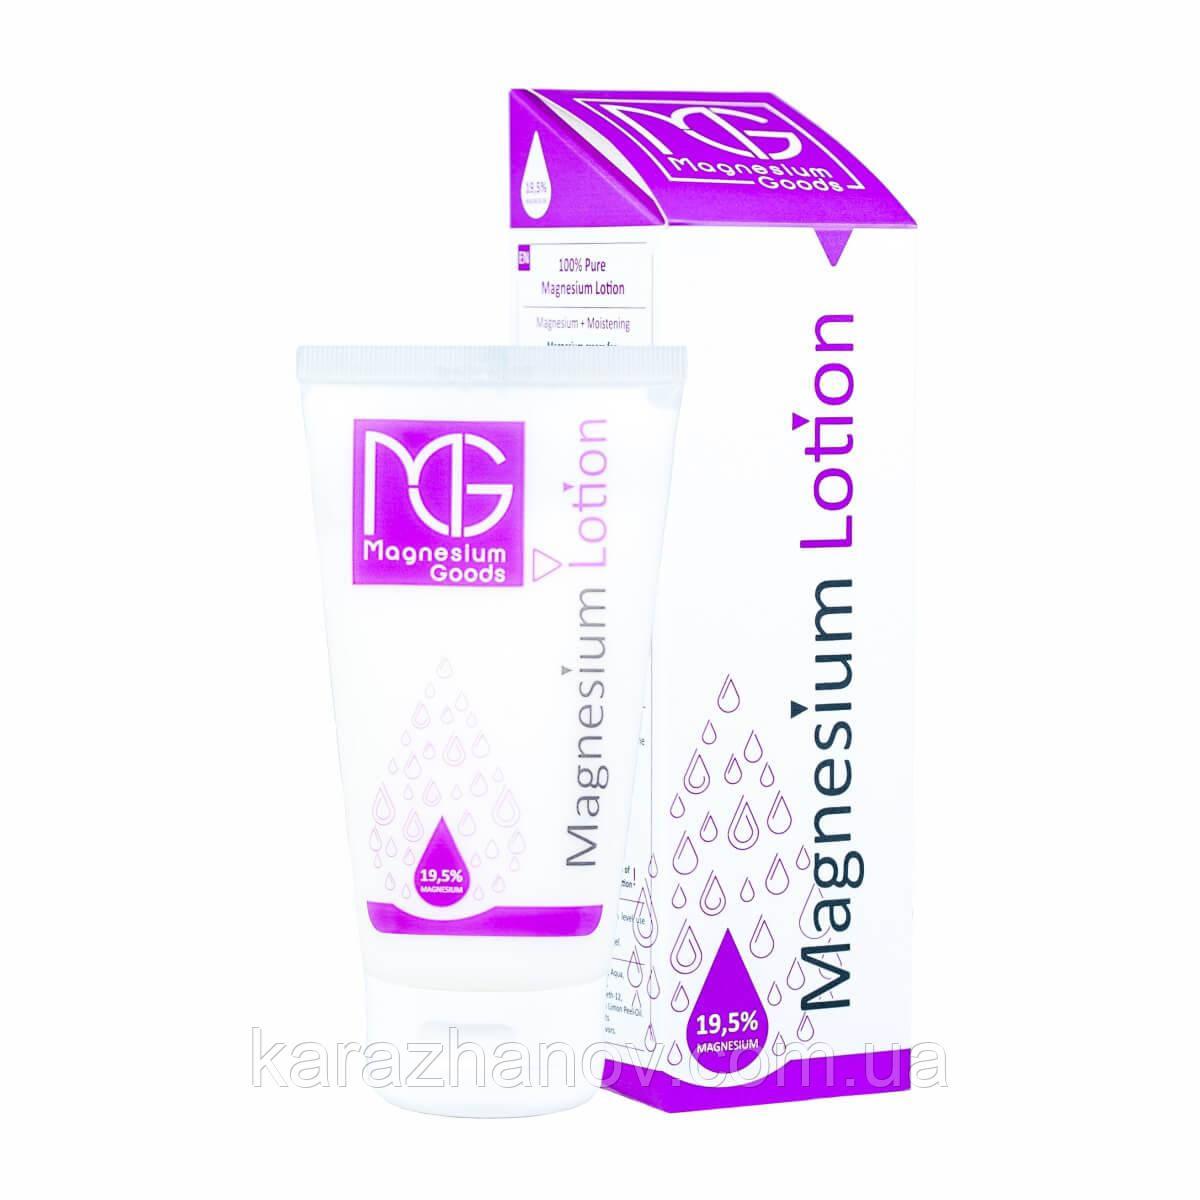 Магниевый лосьон для ухода за кожей. Magnesium Lotion 150мл.